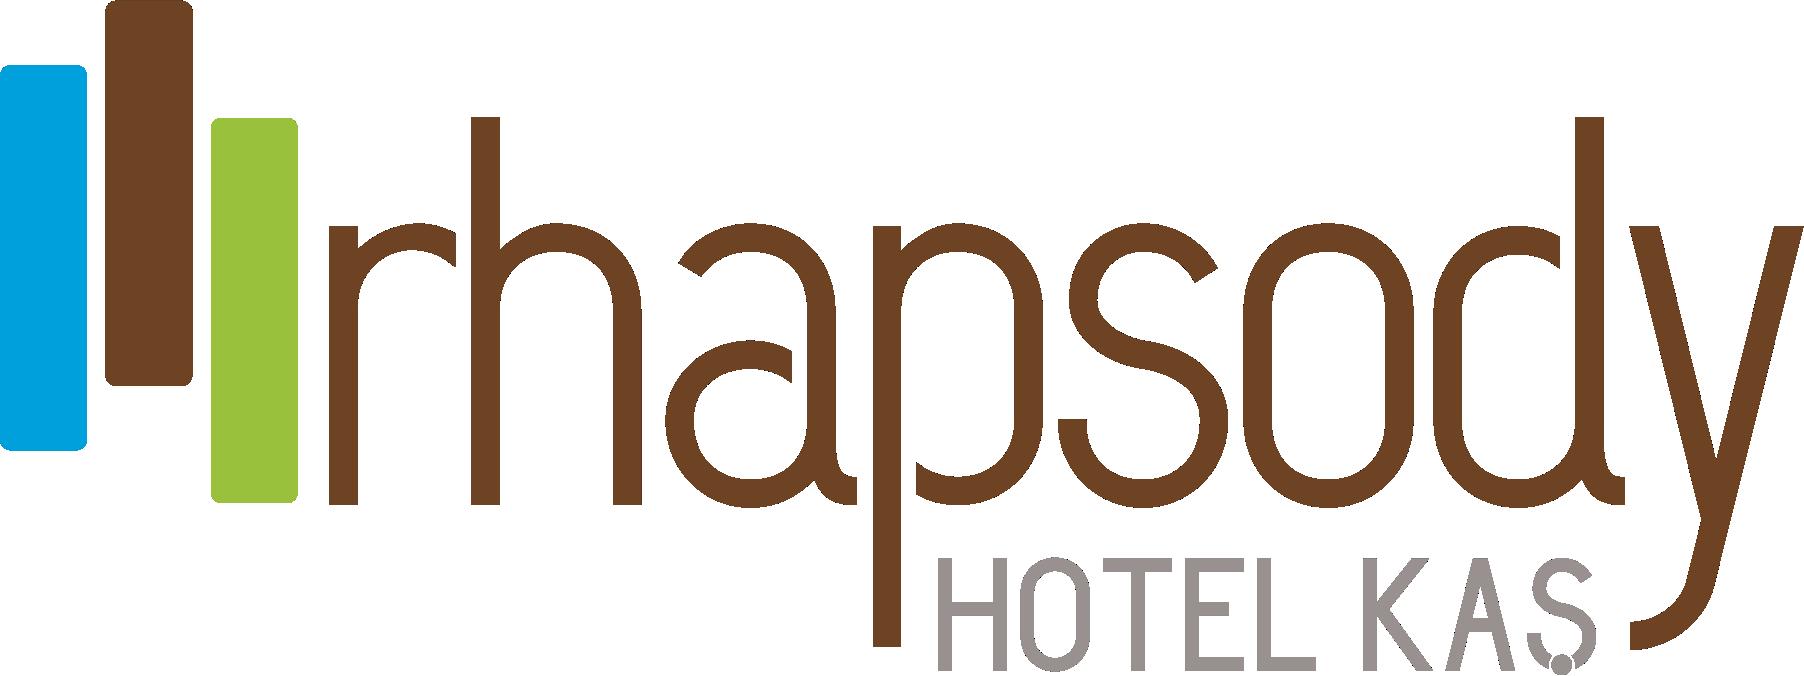 rhapsody otel kaş Rhapsody Hotel Kaş, Küçükçakıl bölgesinde Kaş Antalya da yer almakta ve Kaş otelleri denize sıfır konumdadır. Kaş otel merkeze 5 dakikalık yürüme mesafesinde ama sessiz sakin bir köşede yer alması ile çok özel bir konuma sahiptir.